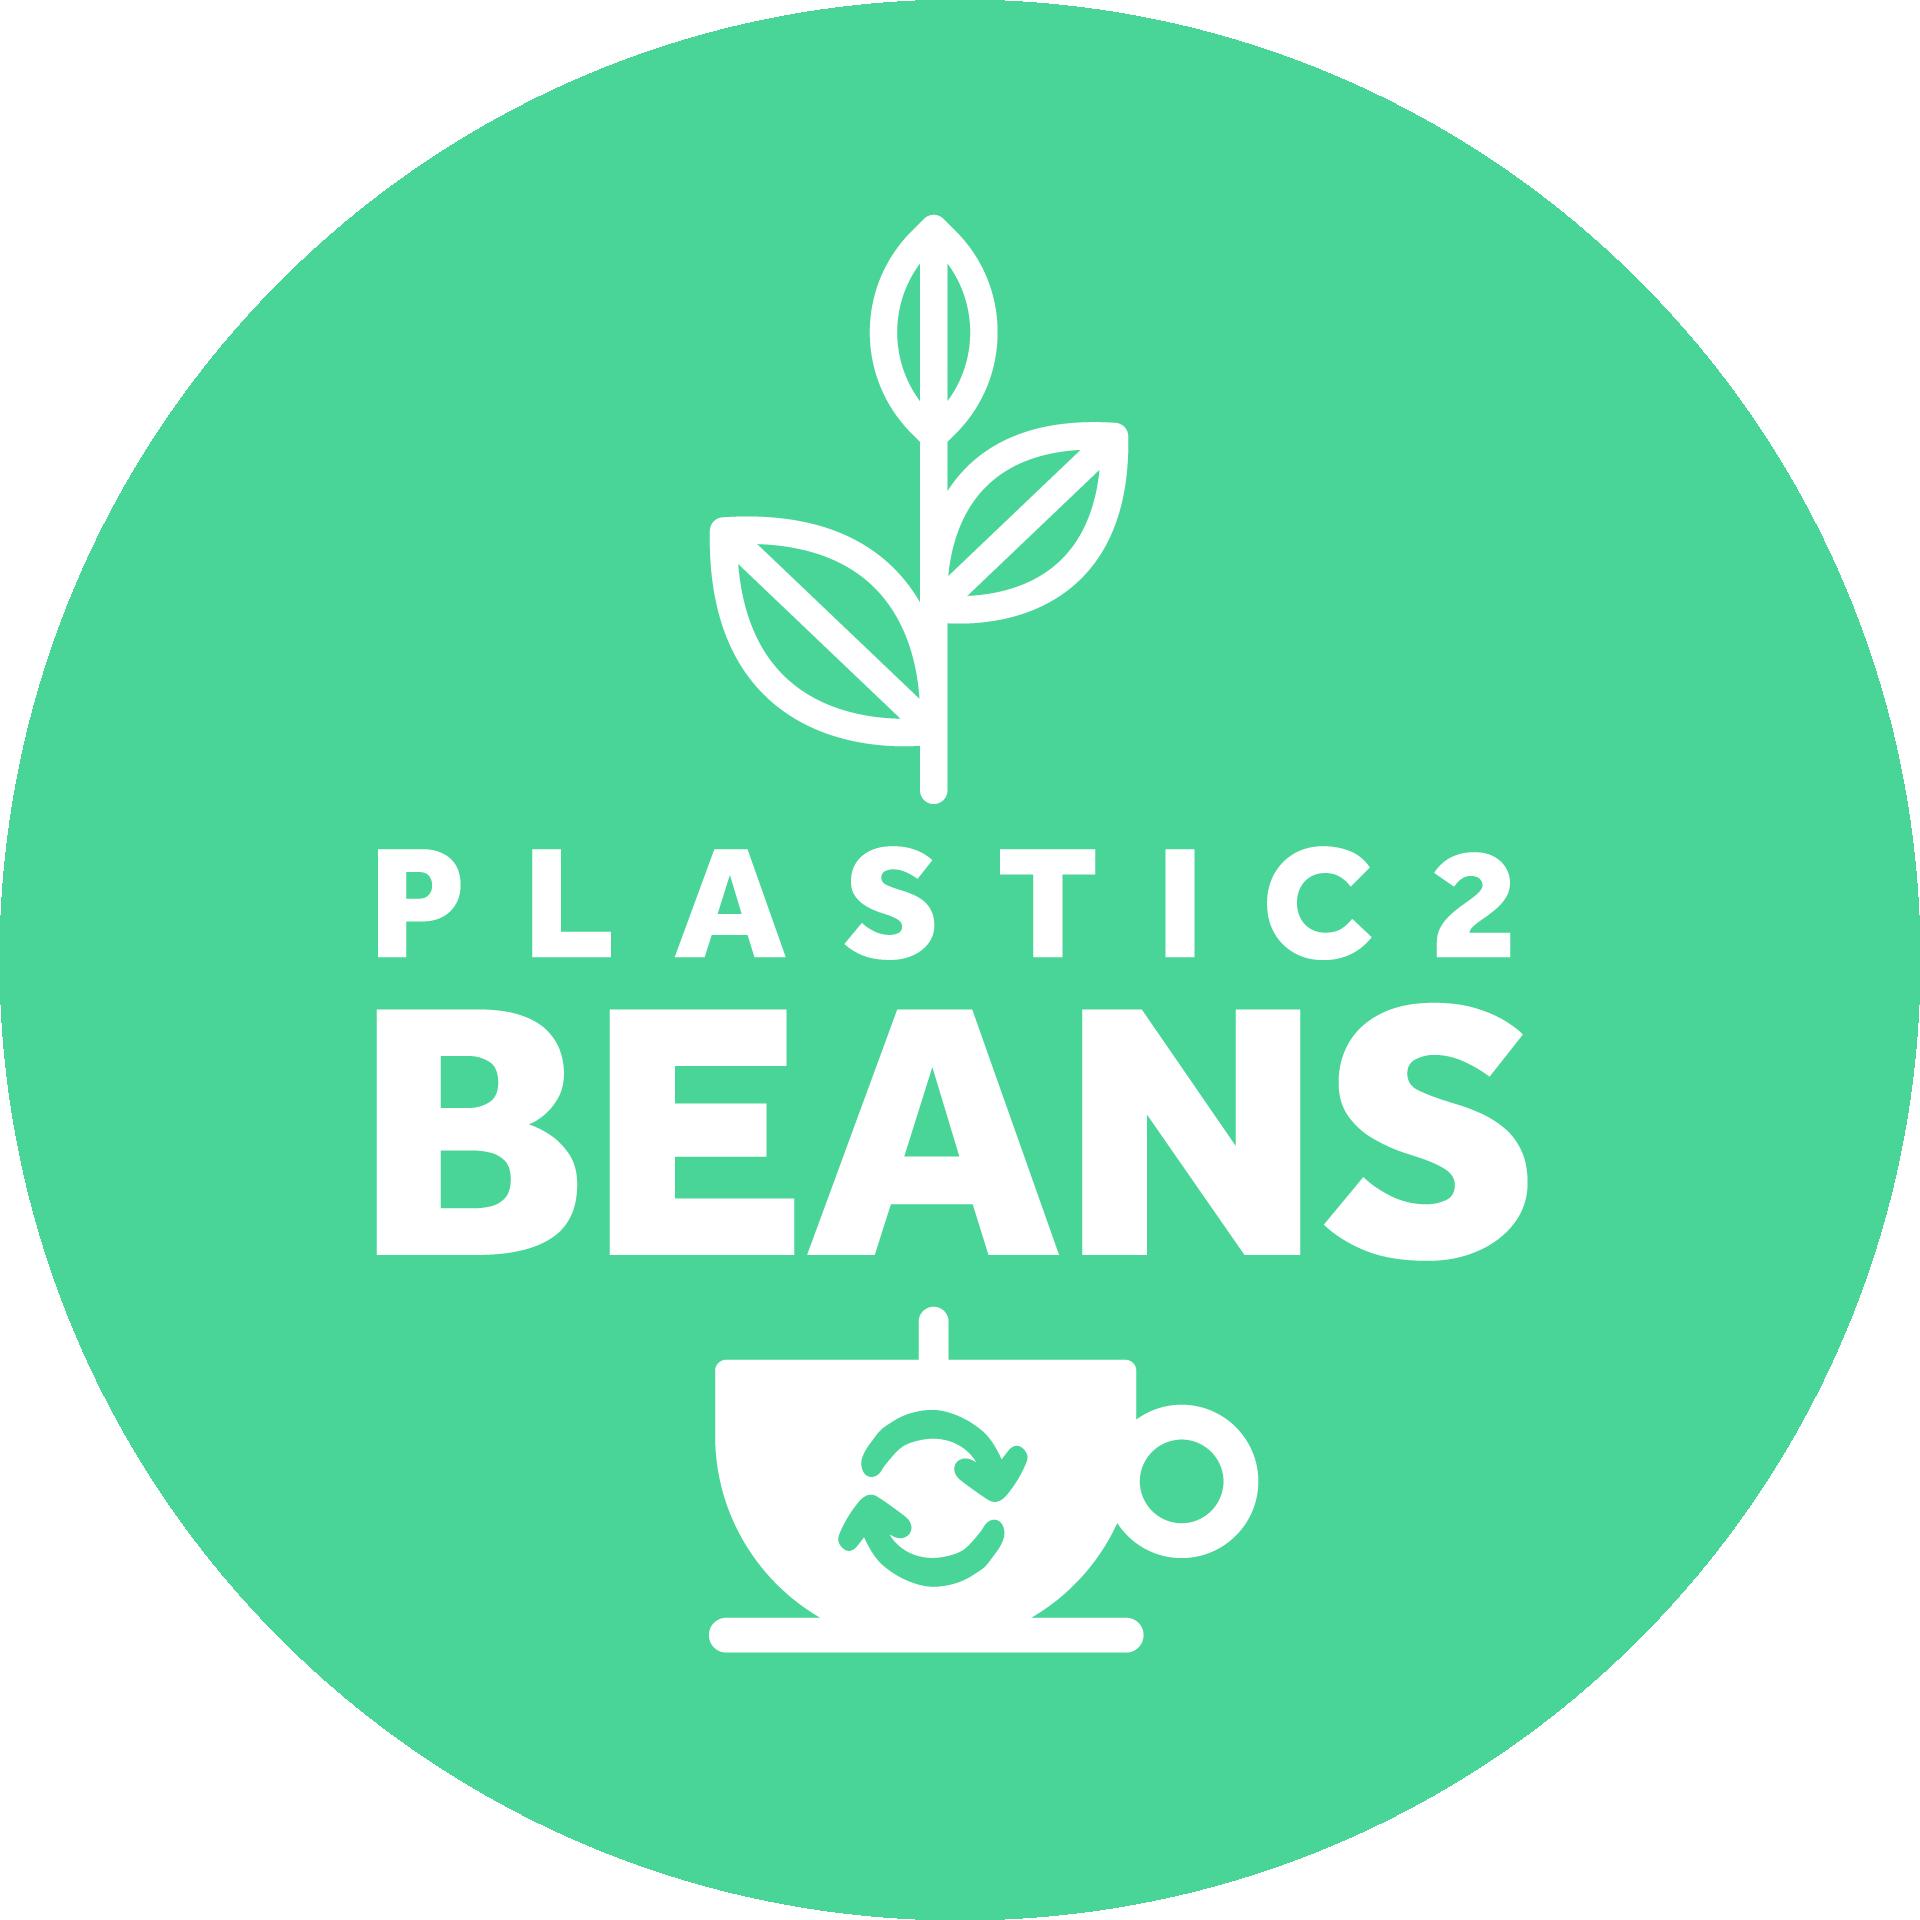 Logo Plastic2beans